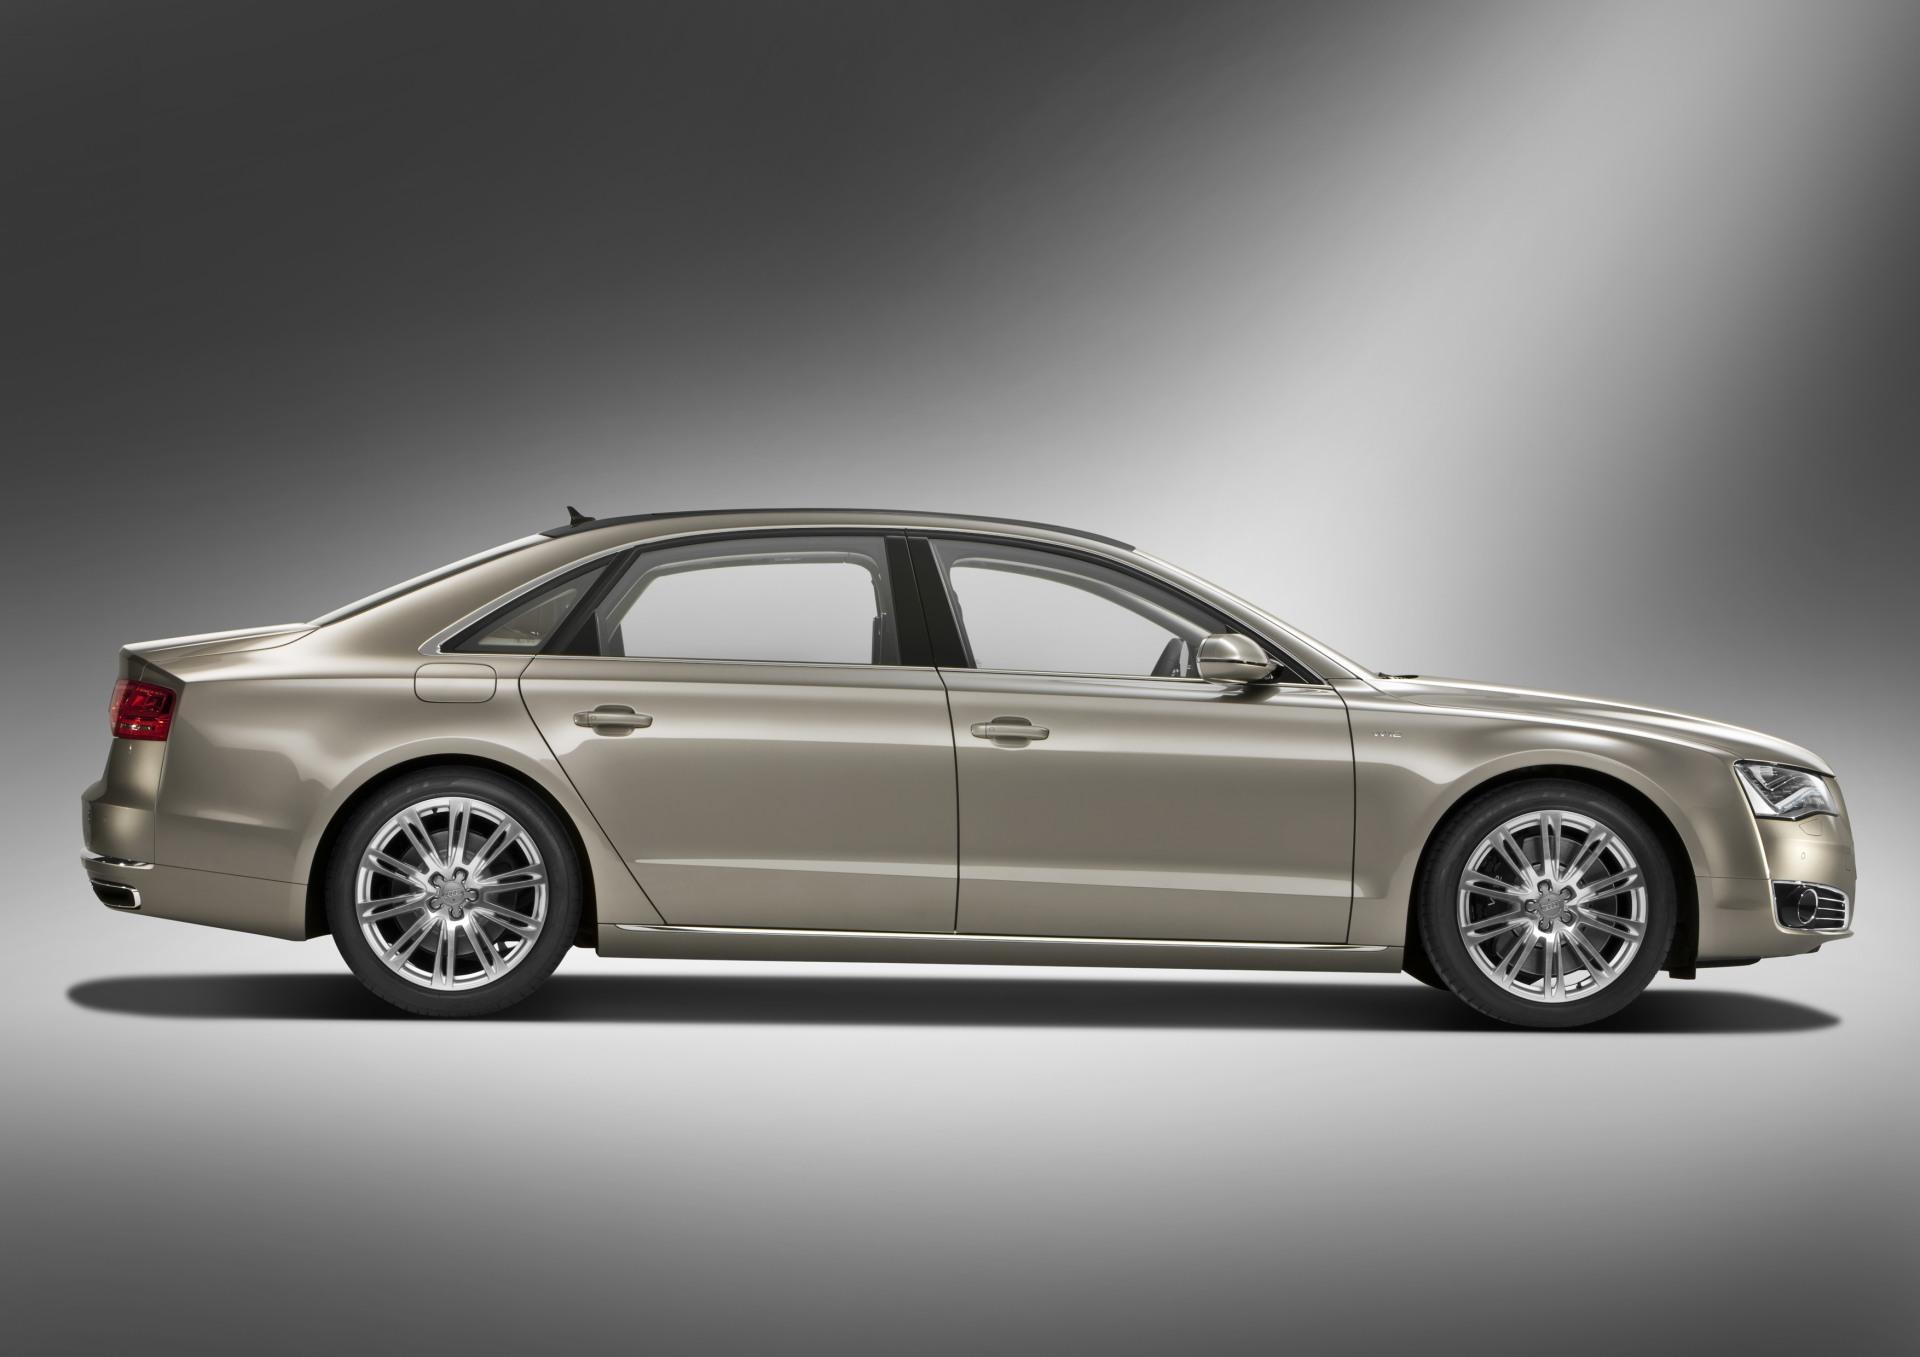 Audi a8 l 6 0 w12 quattro 2004 picture 3 of 5 rear angle image - Audi A8 L 6 0 W12 Quattro 2004 Picture 3 Of 5 Rear Angle Image 39